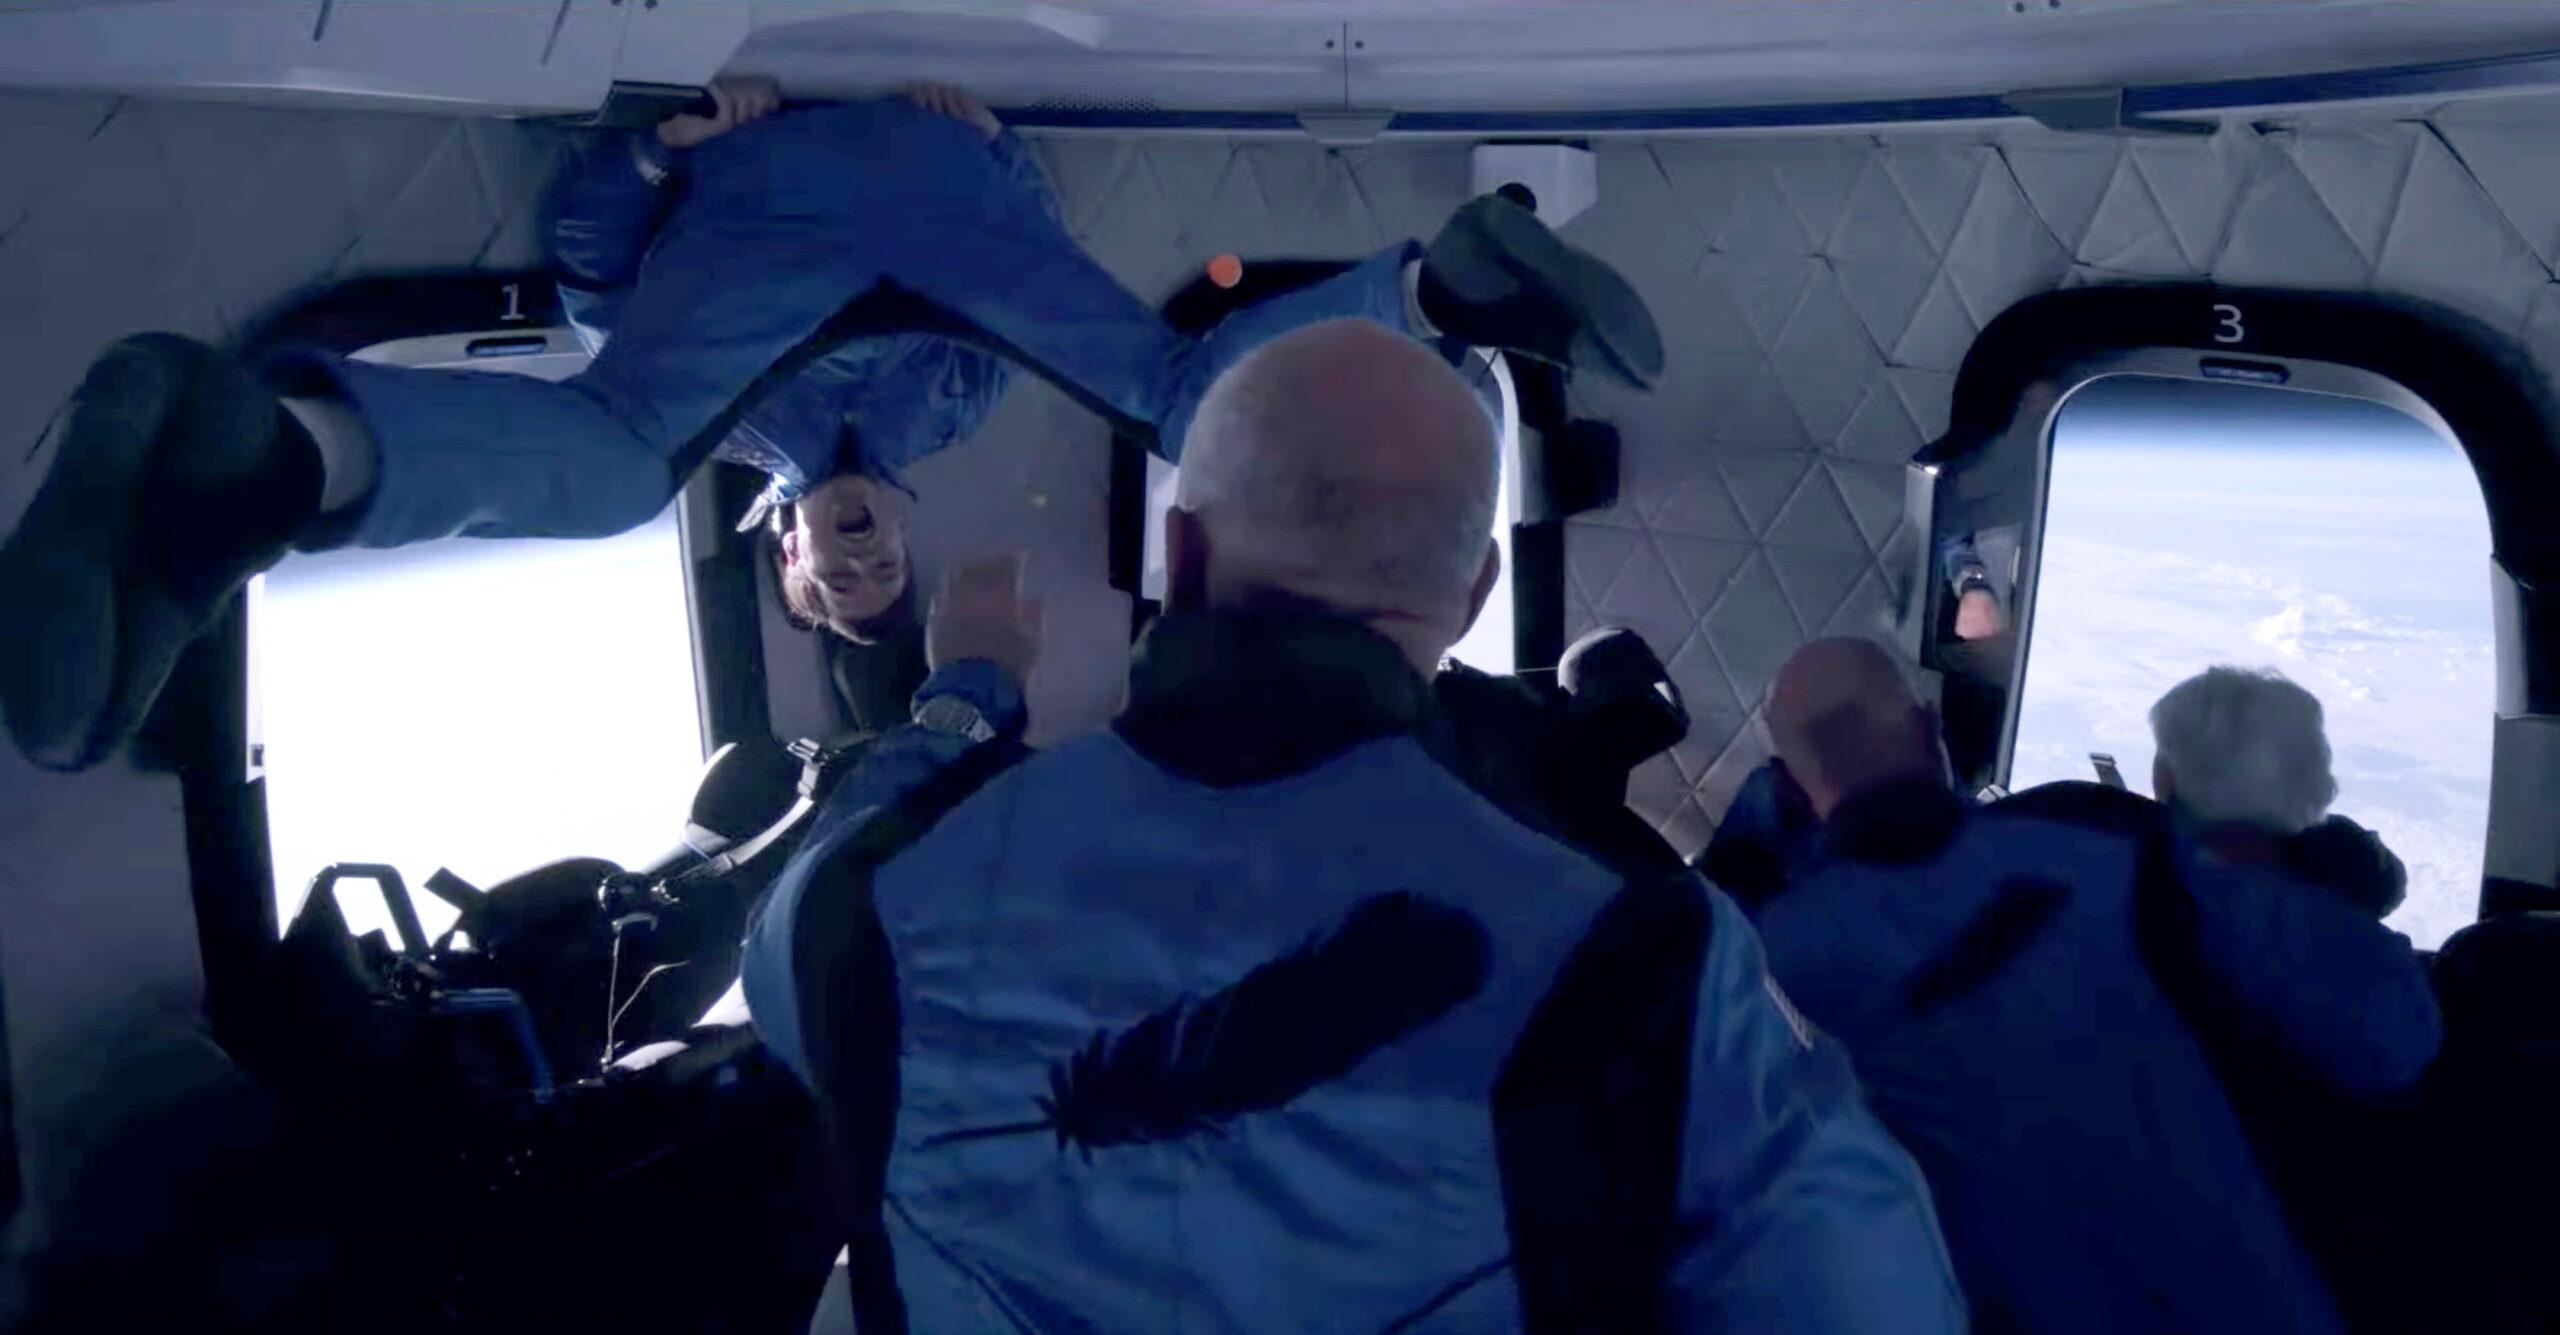 Tripulantes em voo espacial da empresa Blue Origin, do bilionário Jeff Bezos, que participou da viagem.